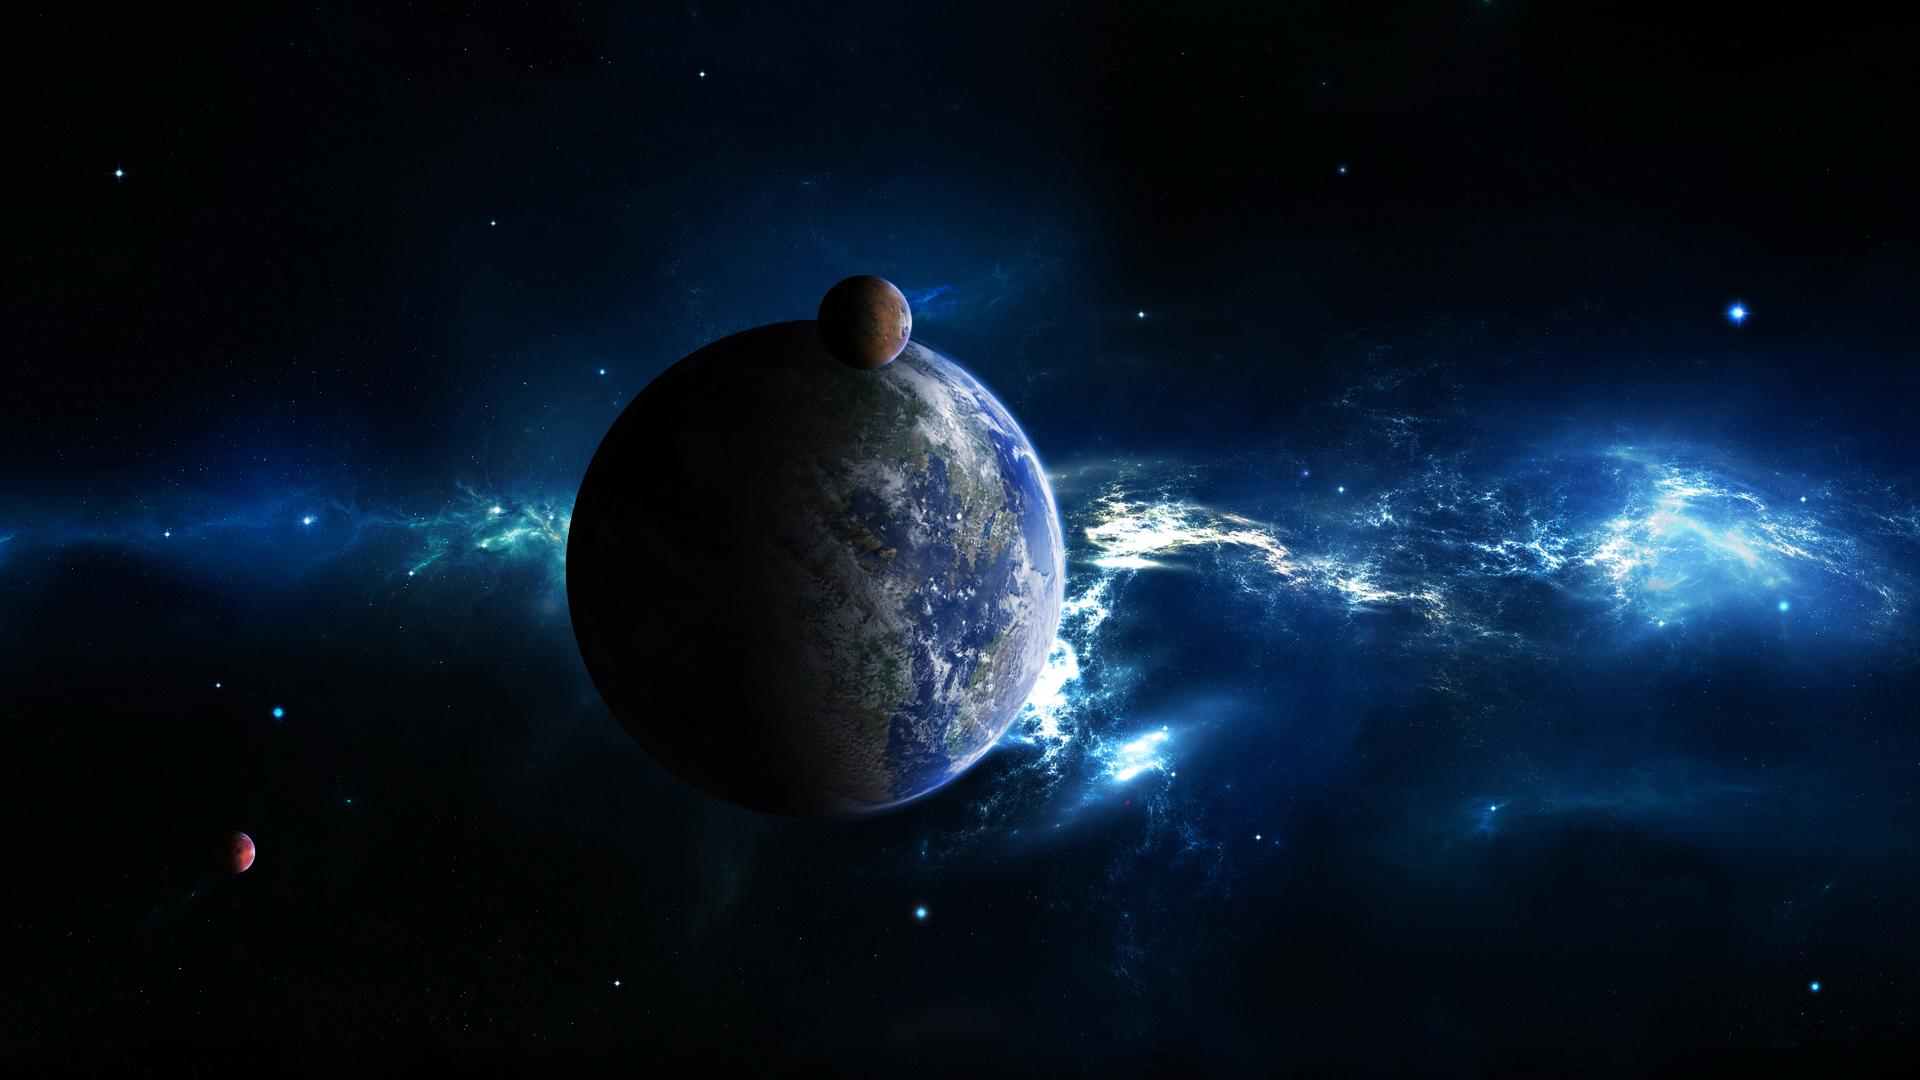 Обои космос земля спутник картинки на рабочий стол на тему Космос - скачать  № 1758145 загрузить